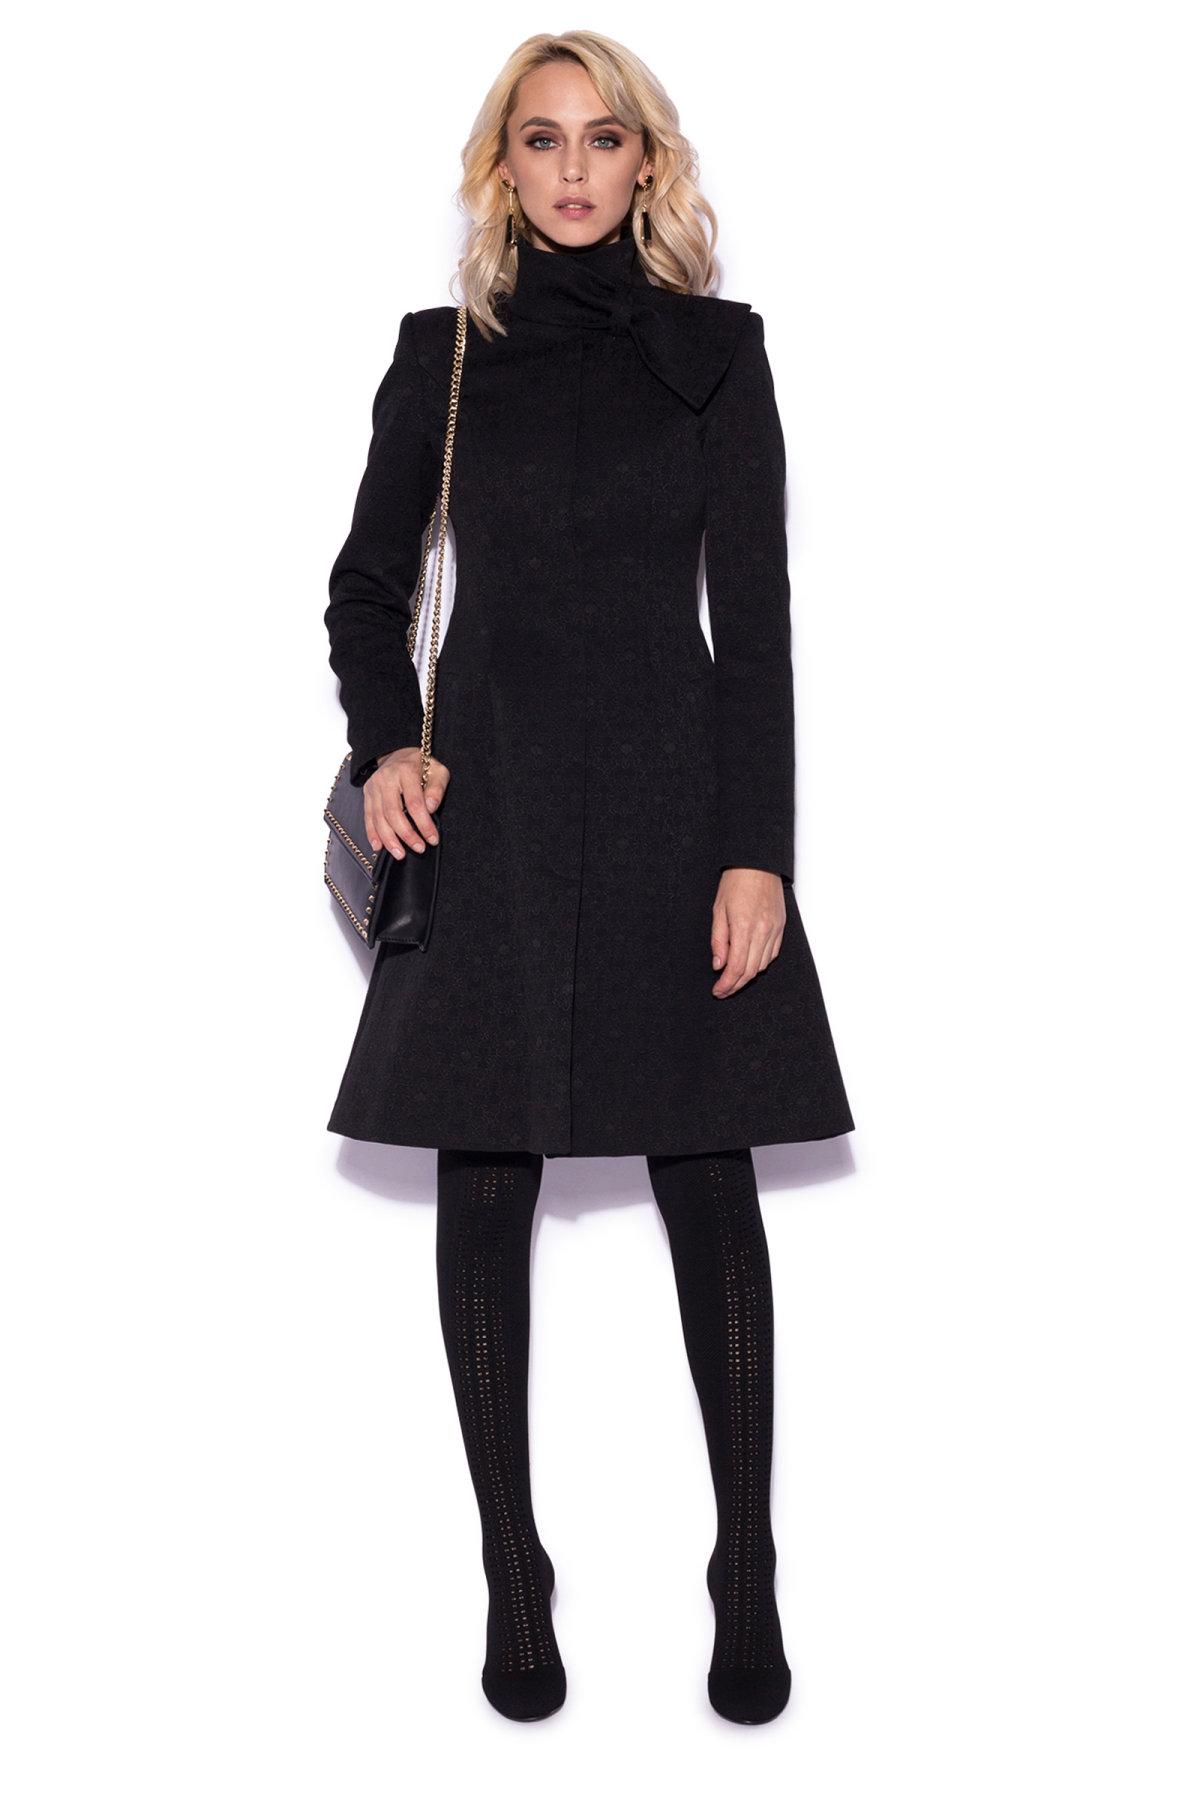 Palton clasic cu detaliu pe guler Negru